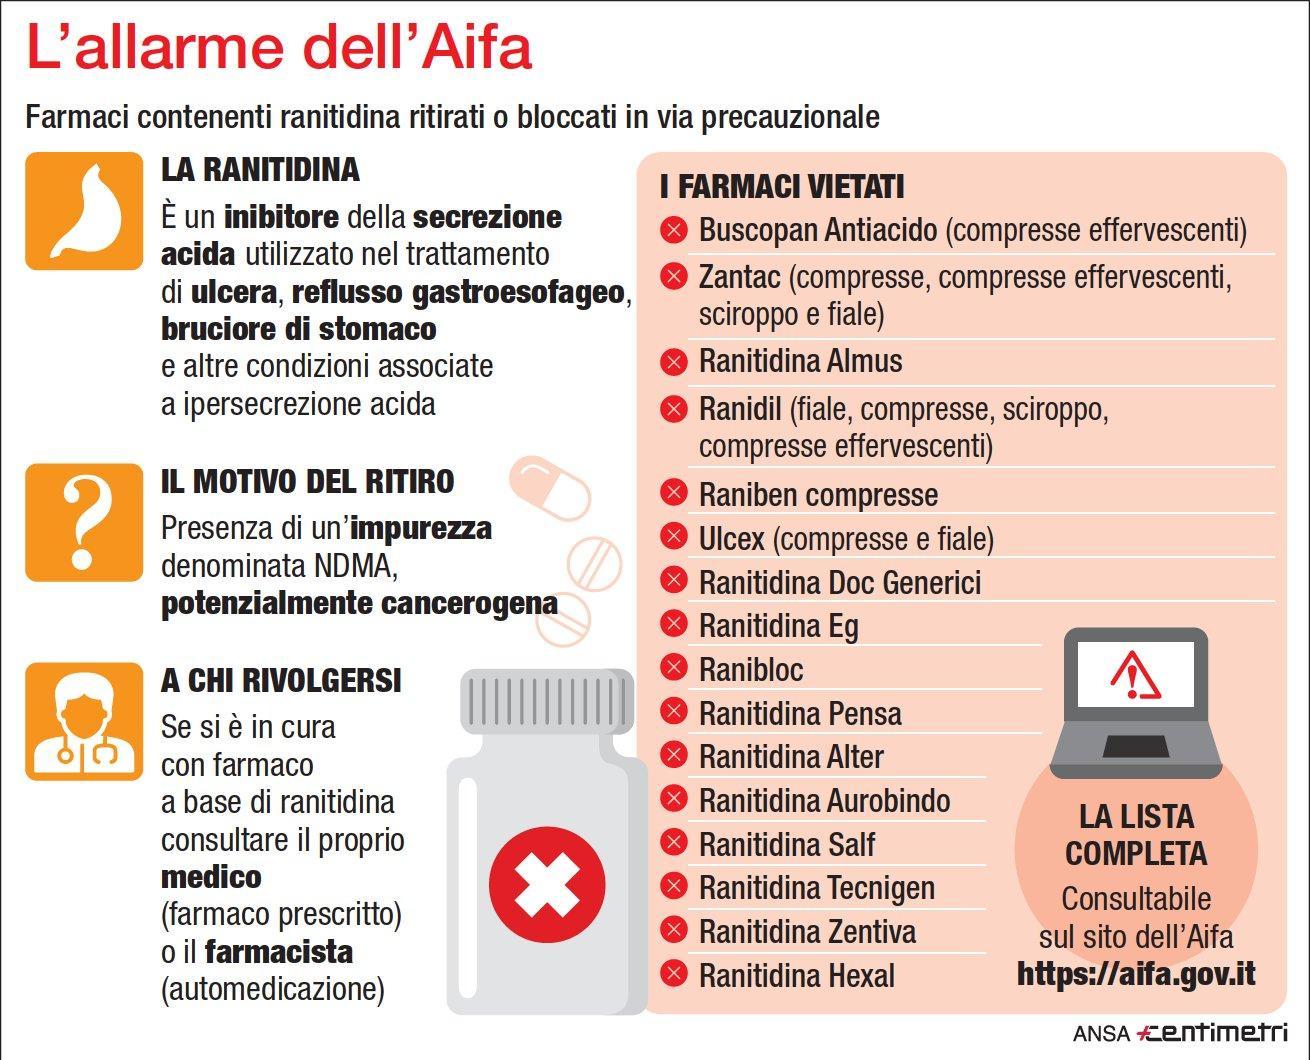 Allarme dell'Aifa, ecco i farmaci ritirati o bloccati